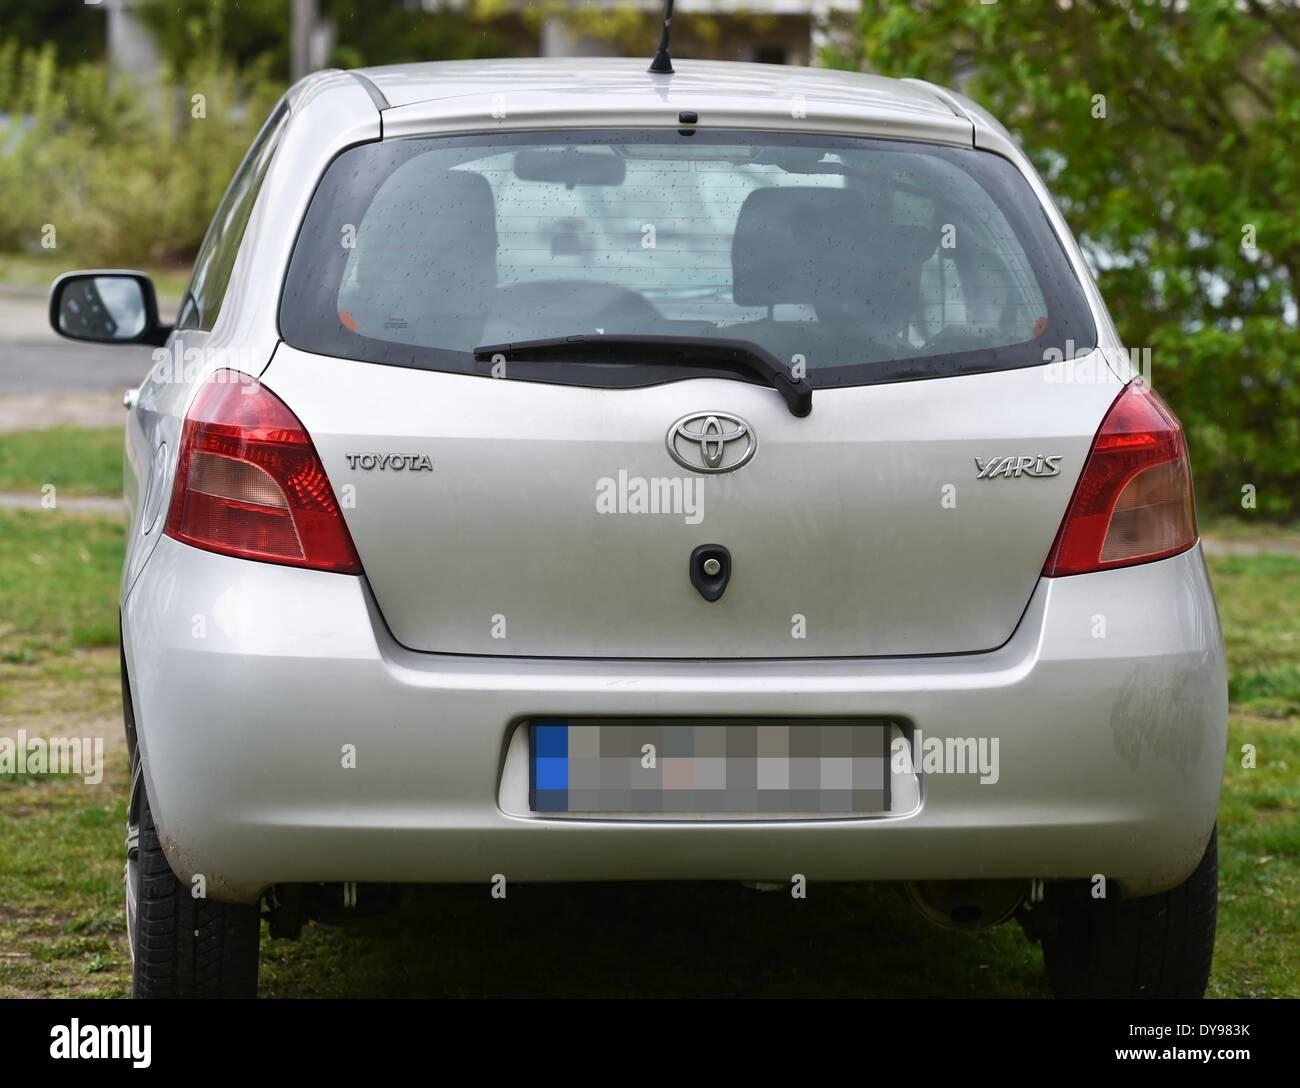 Kelebihan Toyota Yaris 2005 Perbandingan Harga